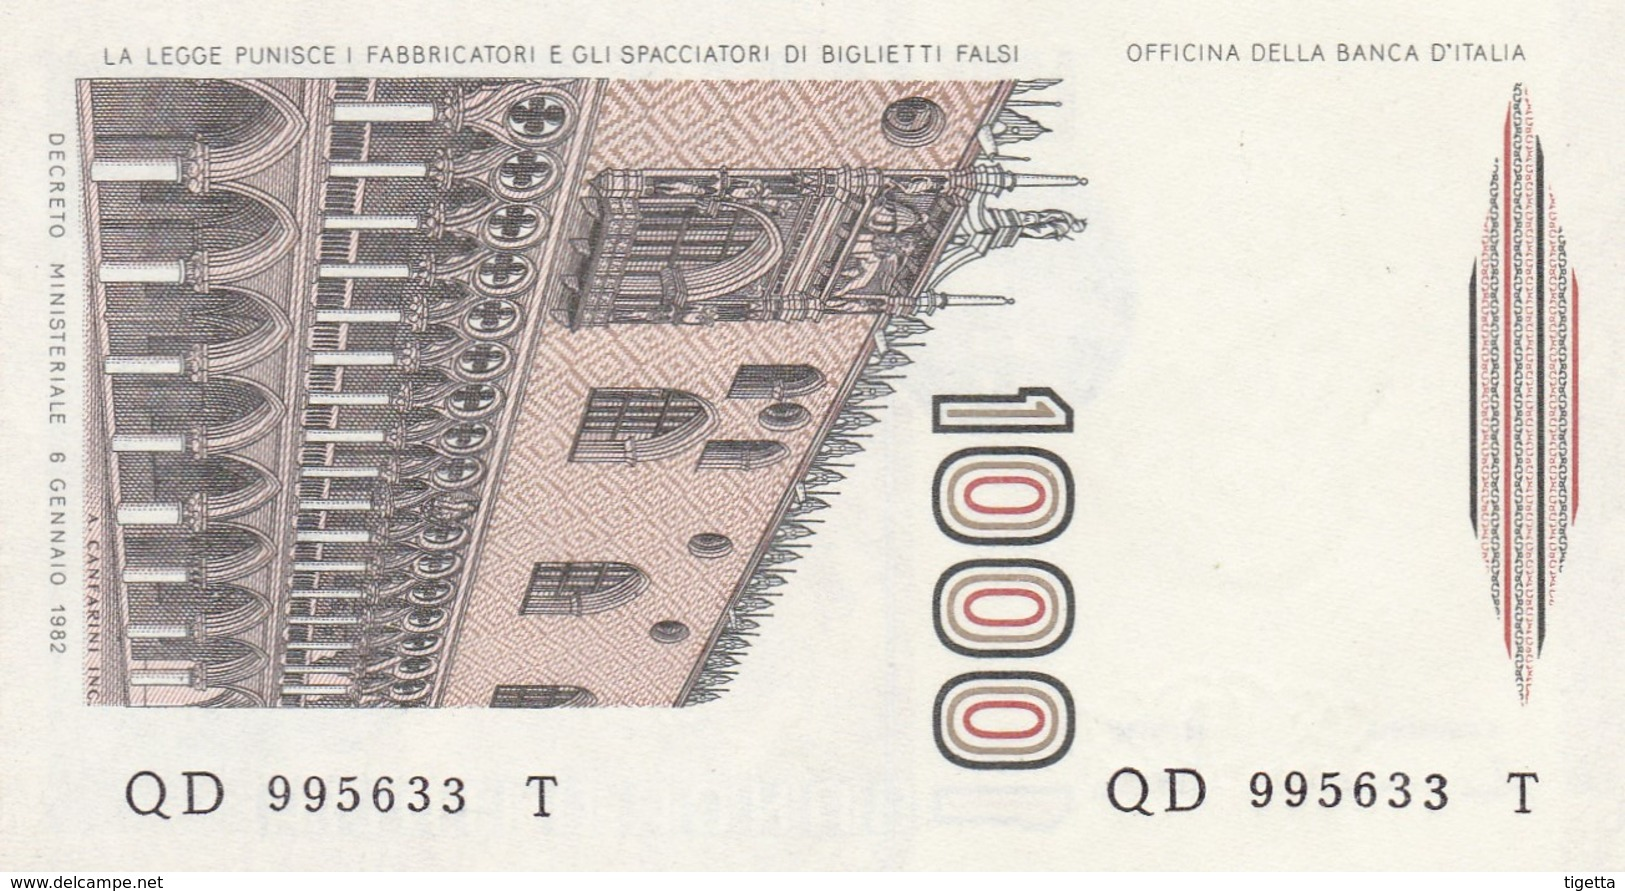 ITALIA BANCONOTA DA LIRE 1000 FDS MARCO POLO DECRETO MINISTERIALE 6/1/82 SERIE QD 995633 T - 1000 Lire